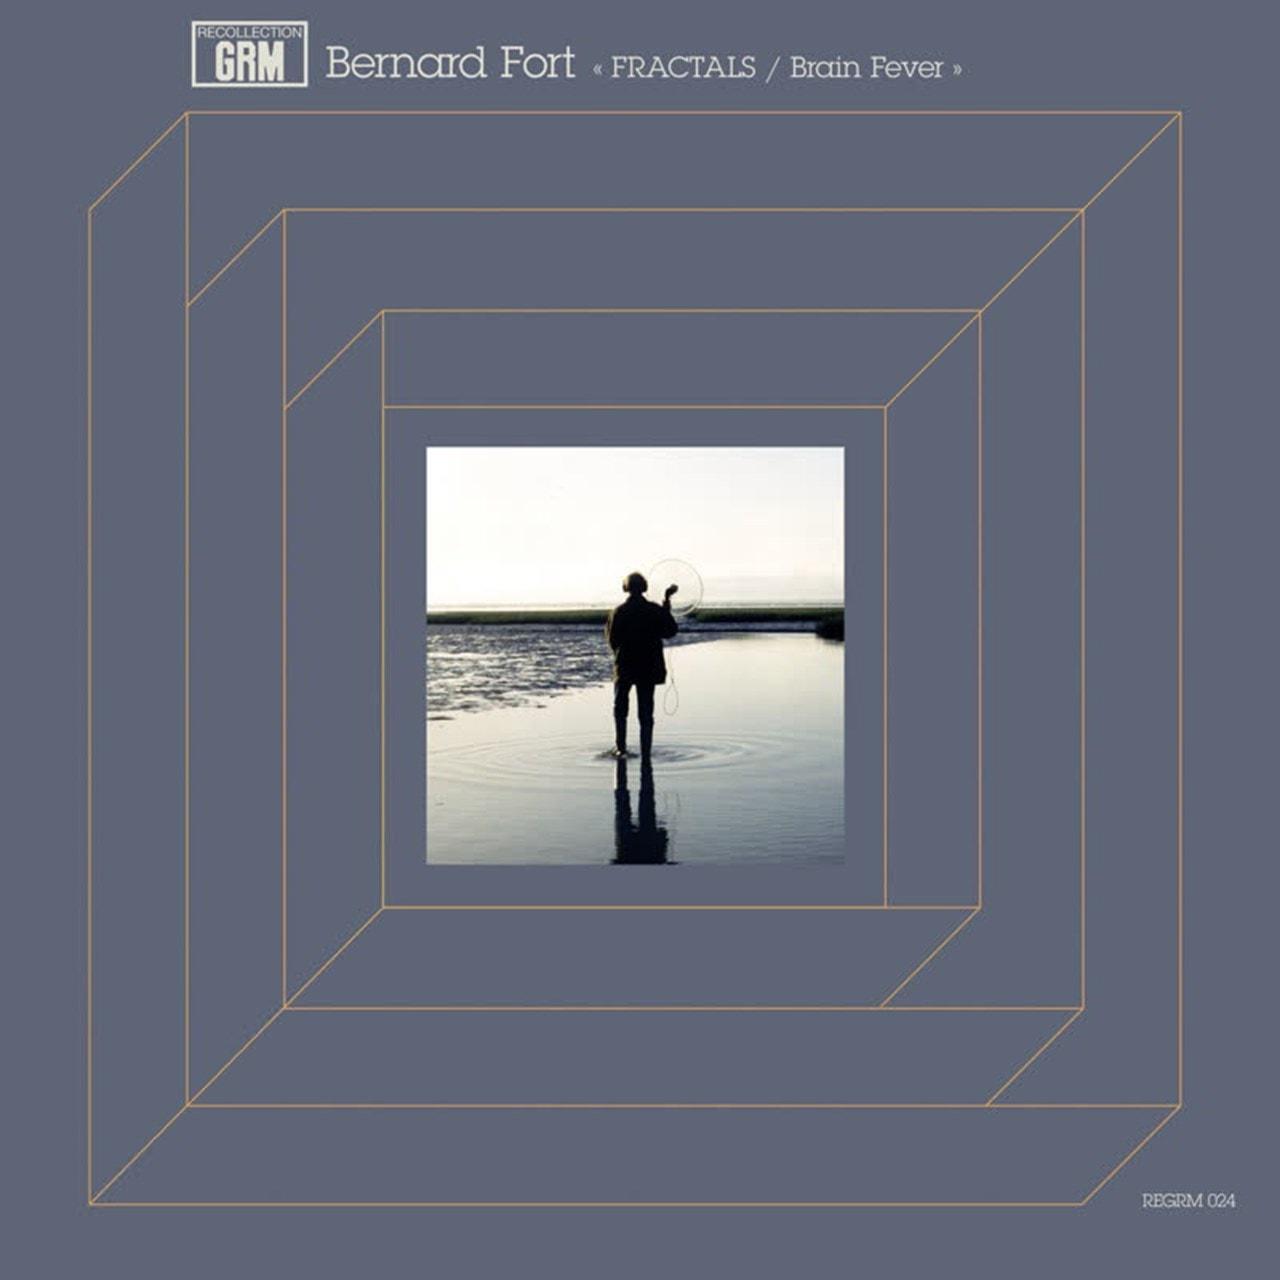 Bernard Fort: Fractals/Brain Fever - 1